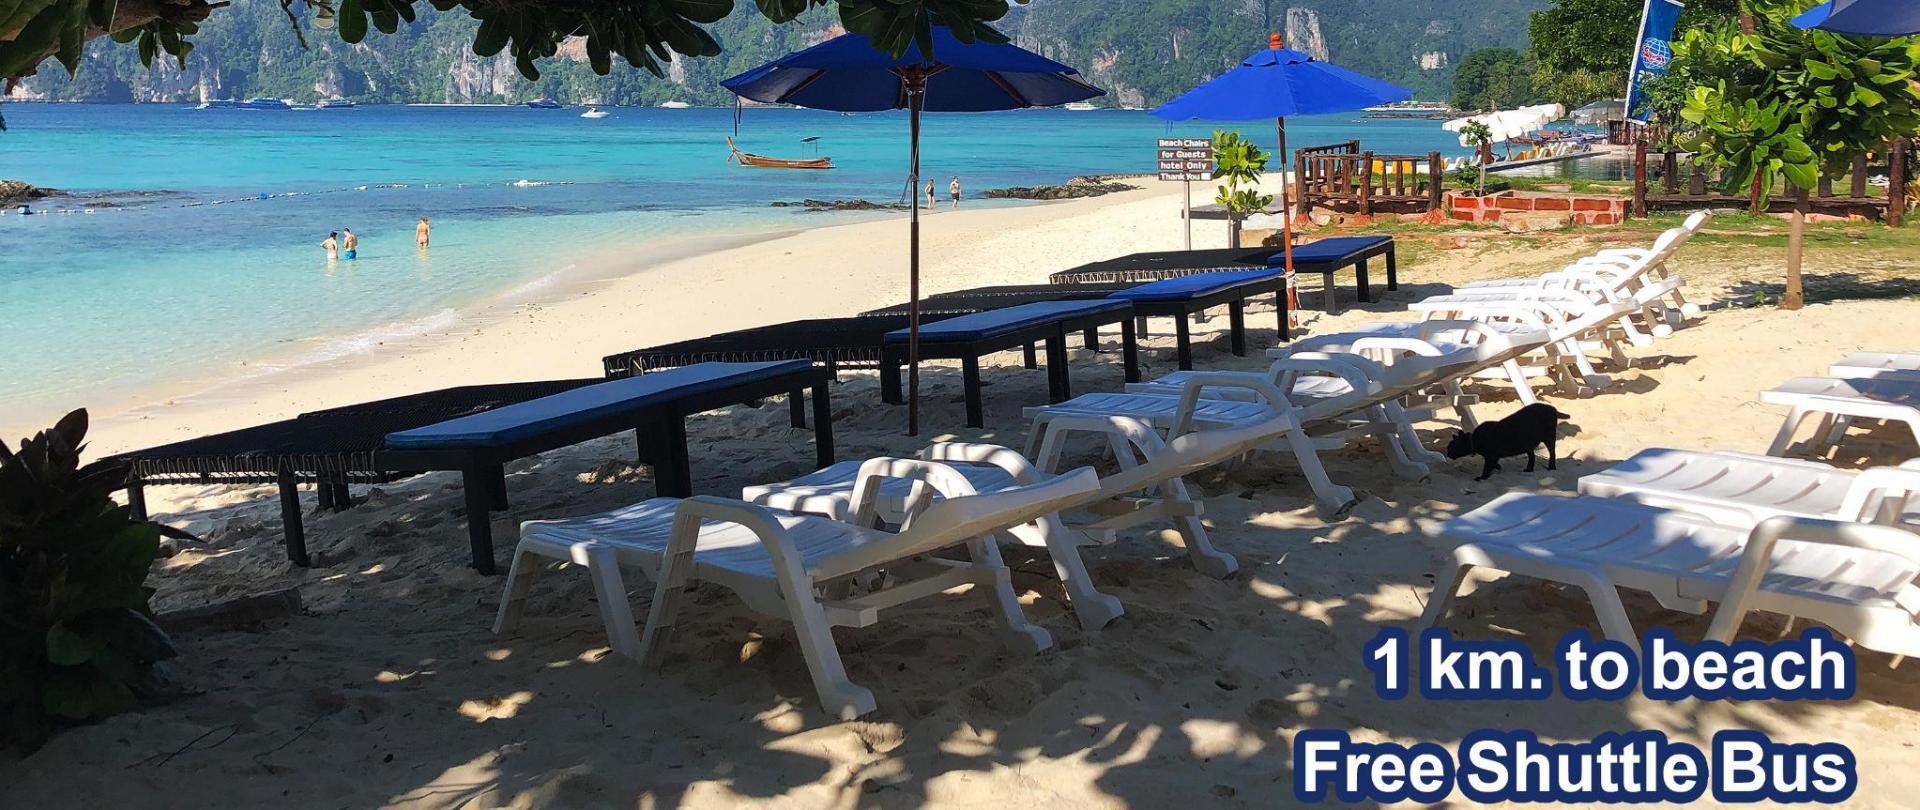 Beach1 (2).jpg